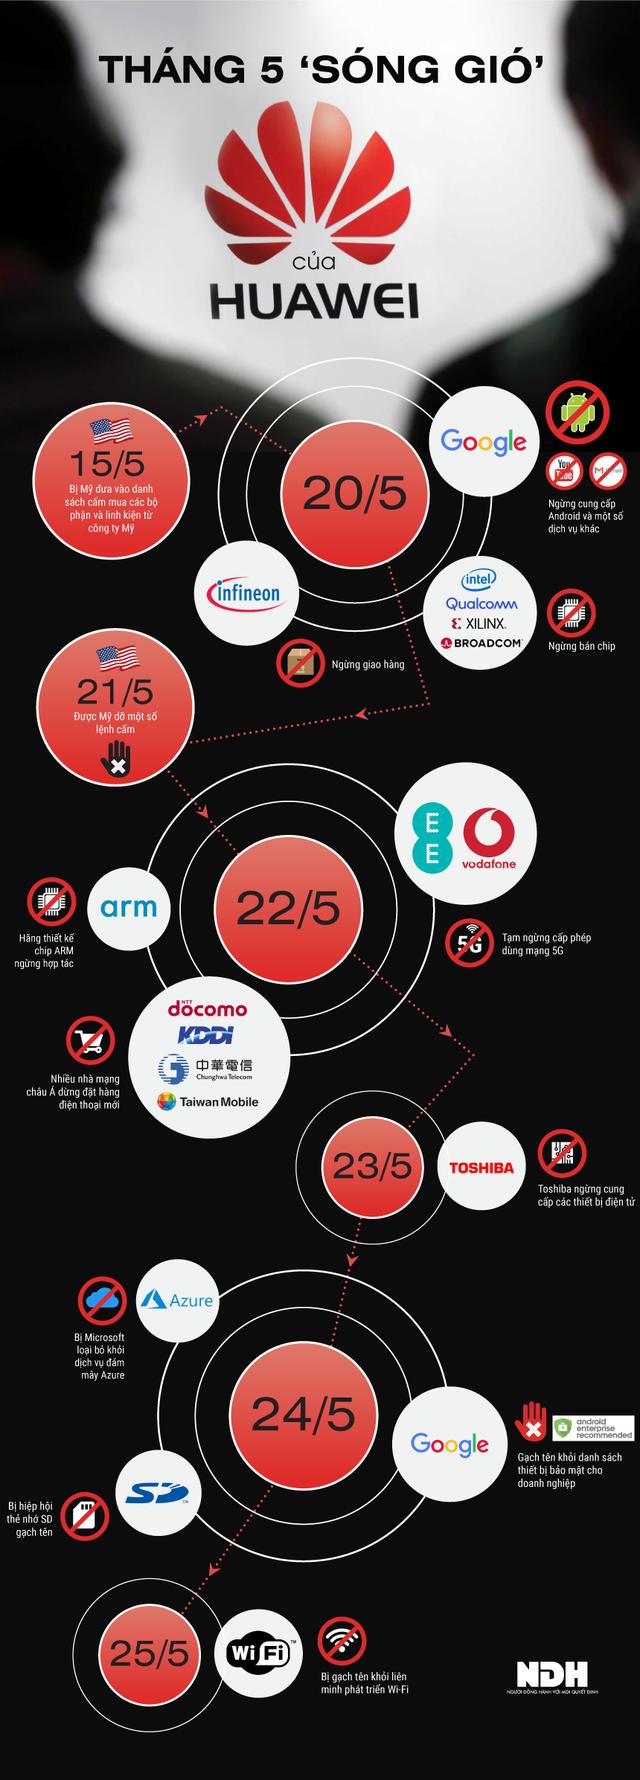 [Infographic] Tháng 5 sóng gió của Huawei - Ảnh 1.